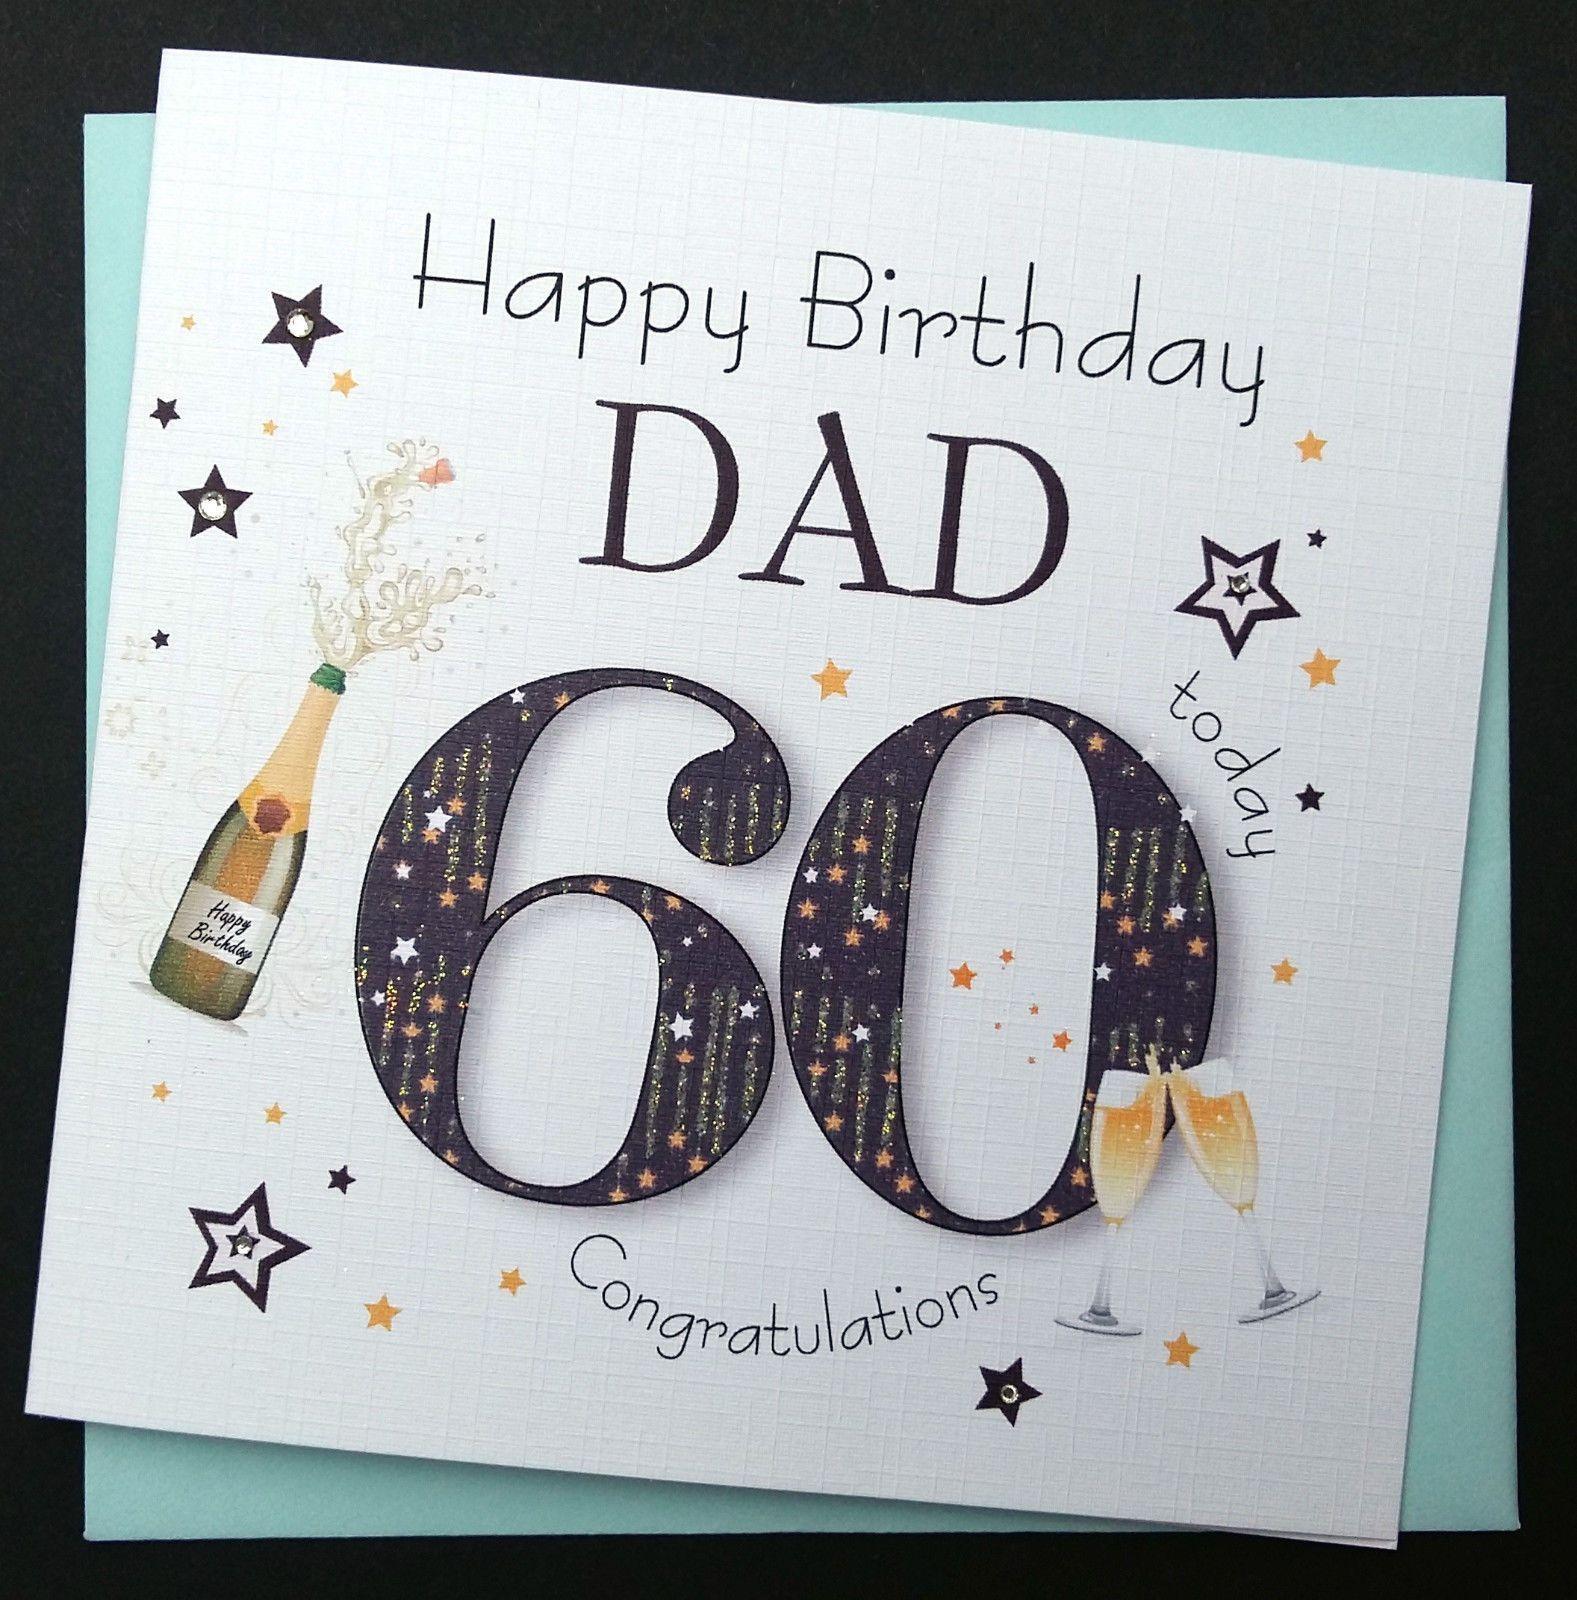 Handmade birthday card dad grandad uncle etc 30th 40th 50th 60th